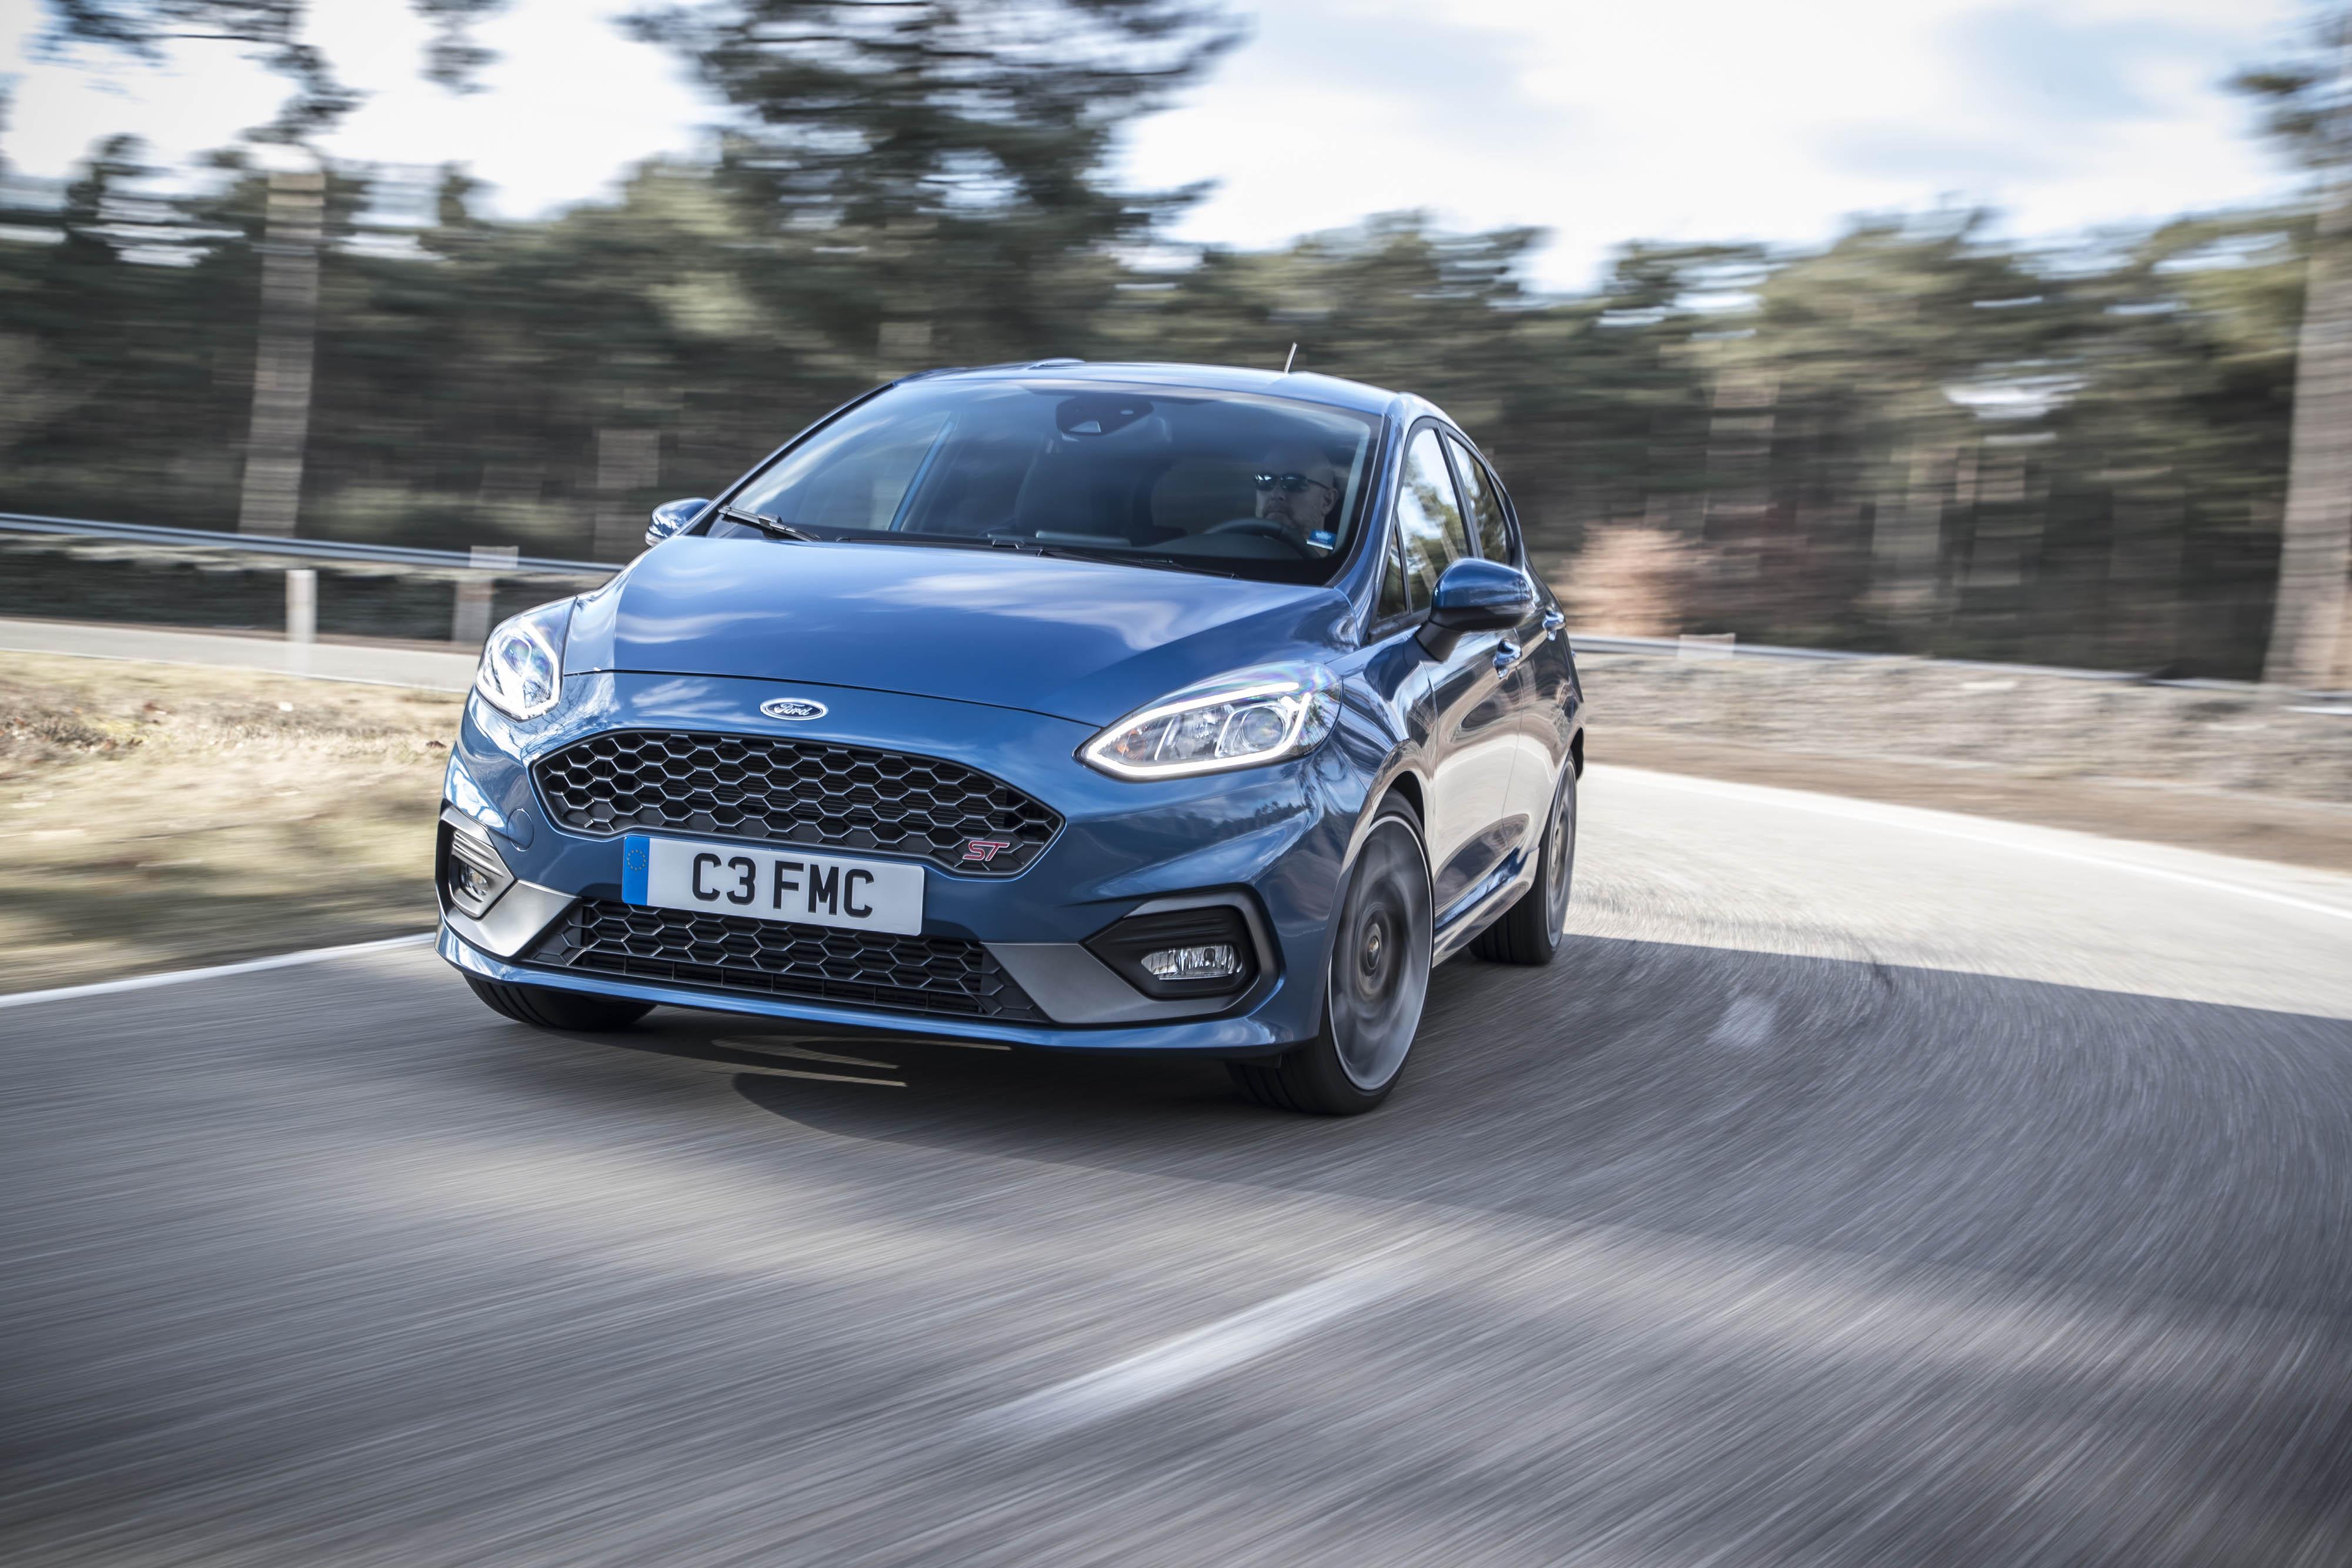 Ford_Fiesta_ST_0019